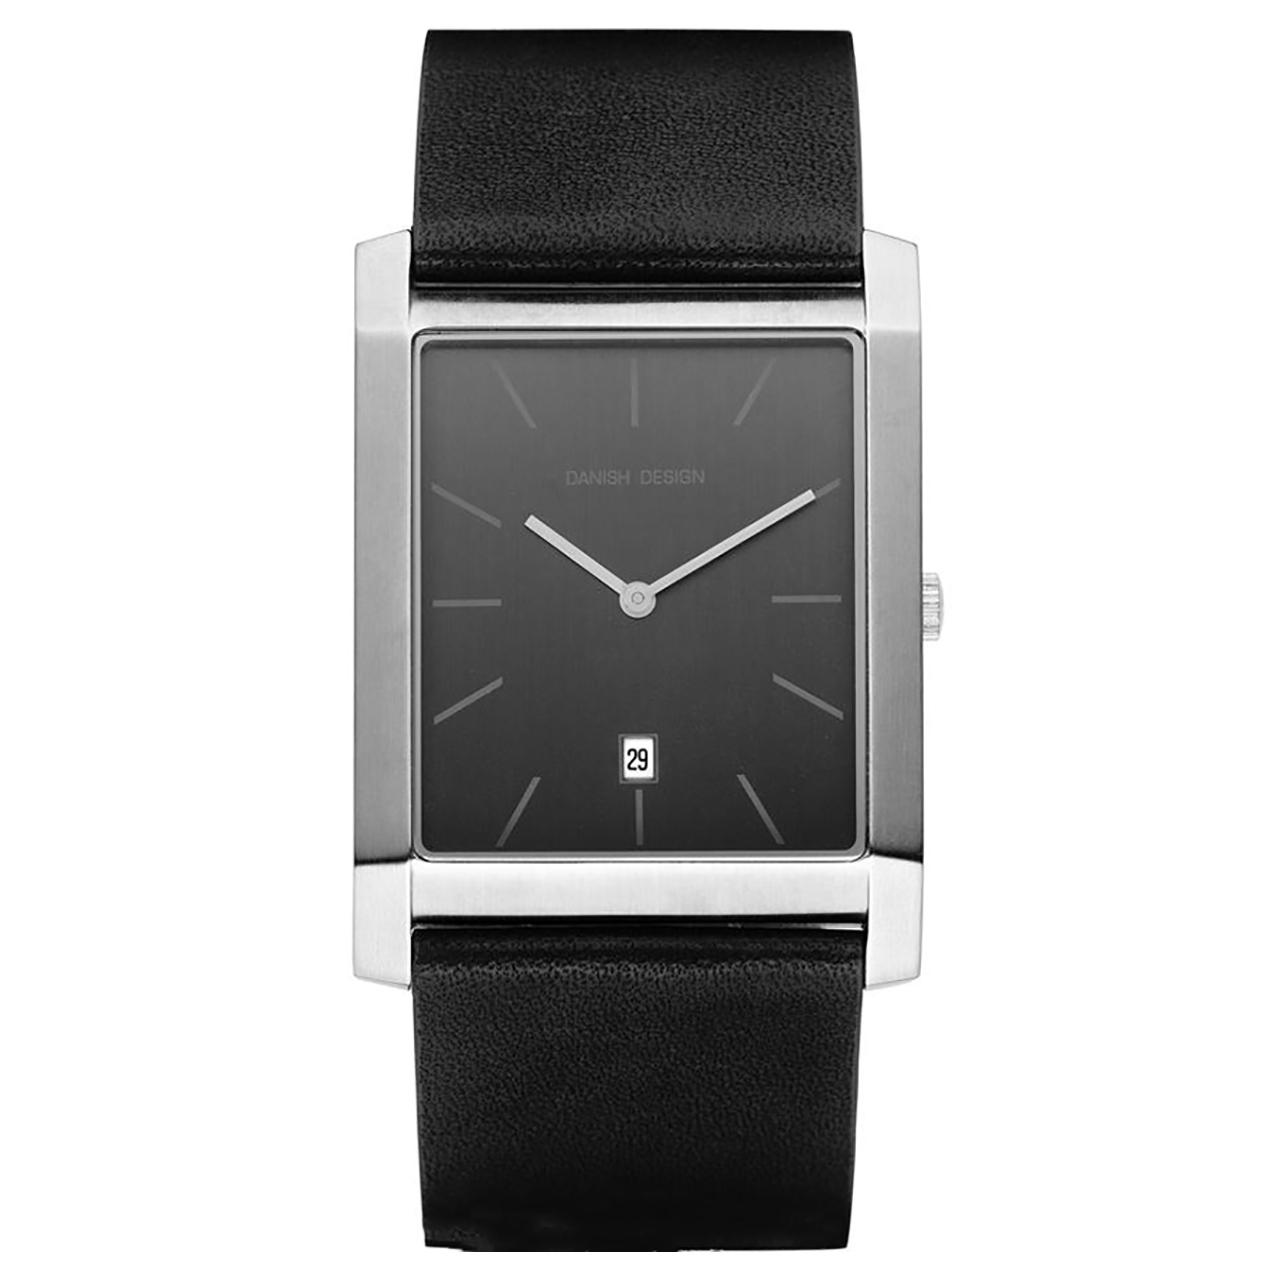 ساعت مچی عقربه ای مردانه دنیش دیزاین مدل IQ13Q922 34